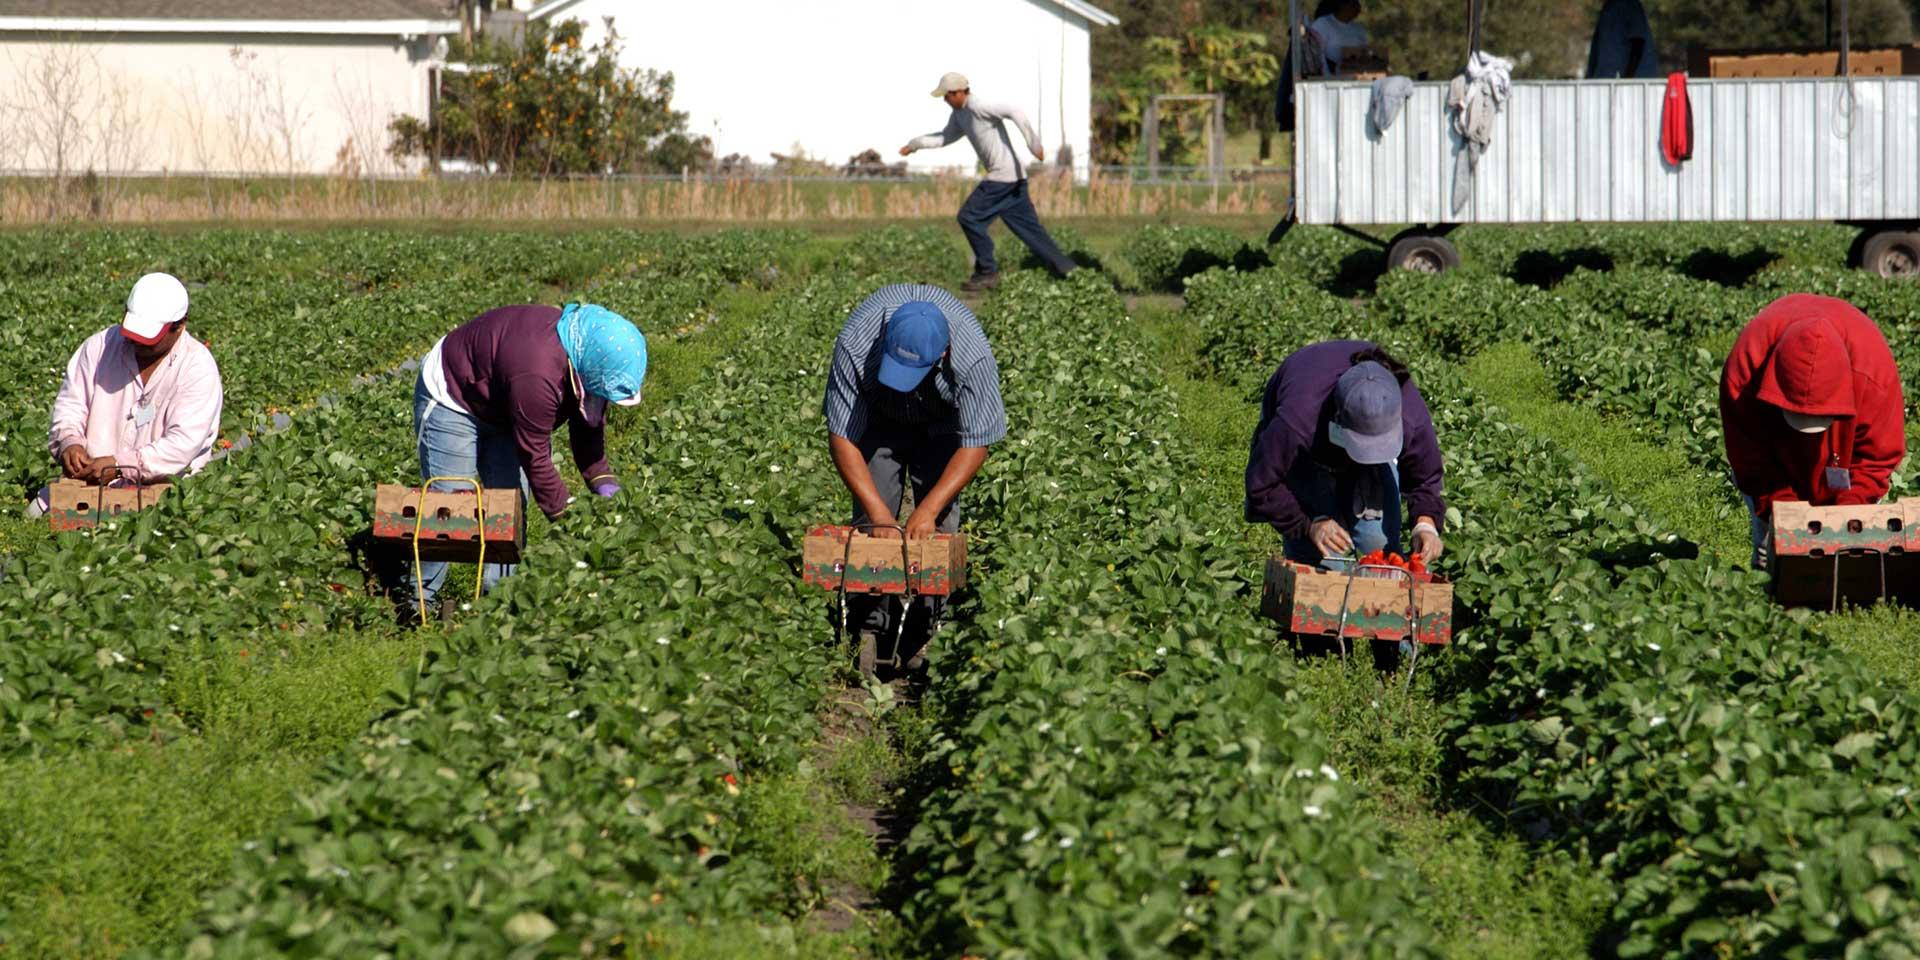 L'impatto della pandemia sull'immigrazione